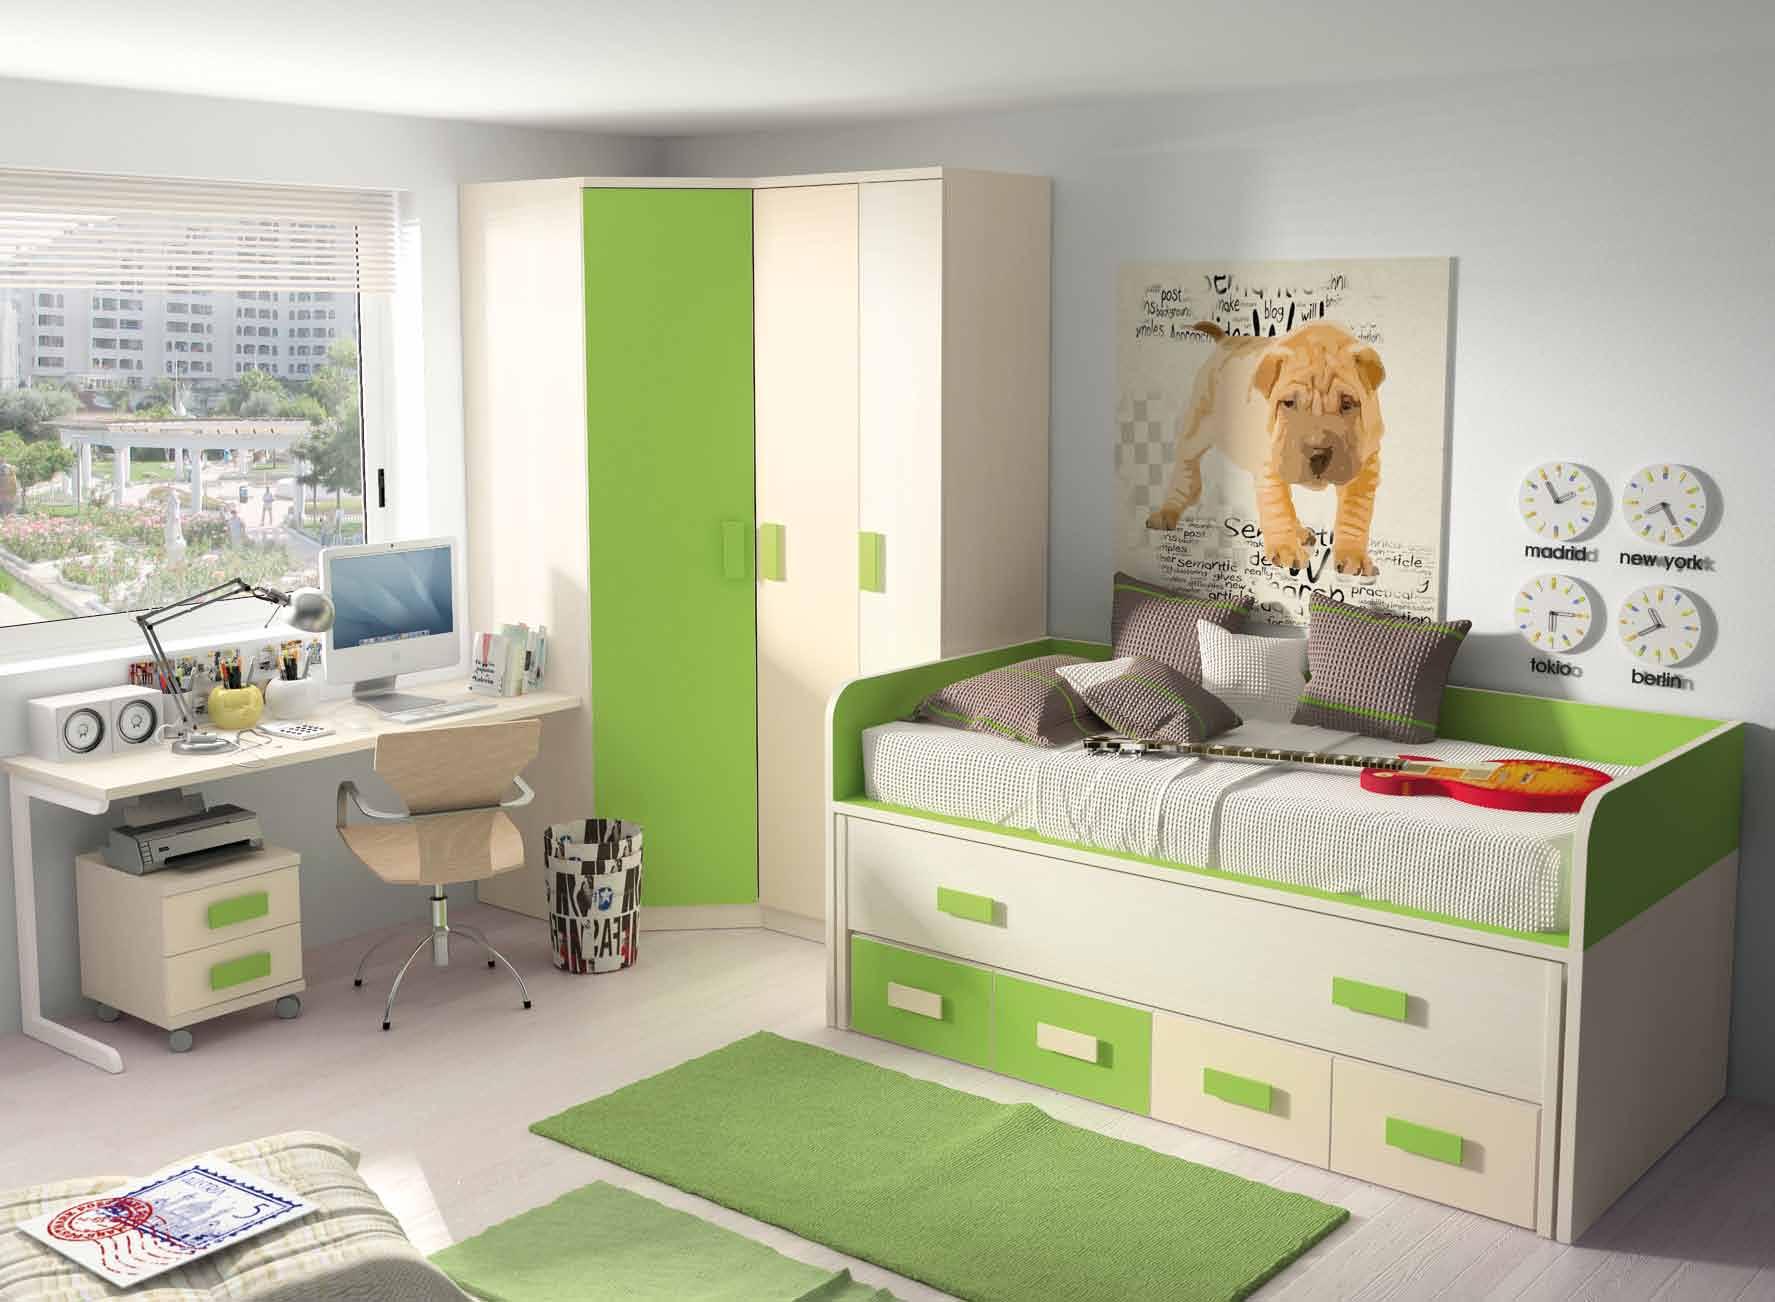 Dormitorio juvenil muebles adama tienda de muebles en madrid for Muebles de dormitorio juvenil